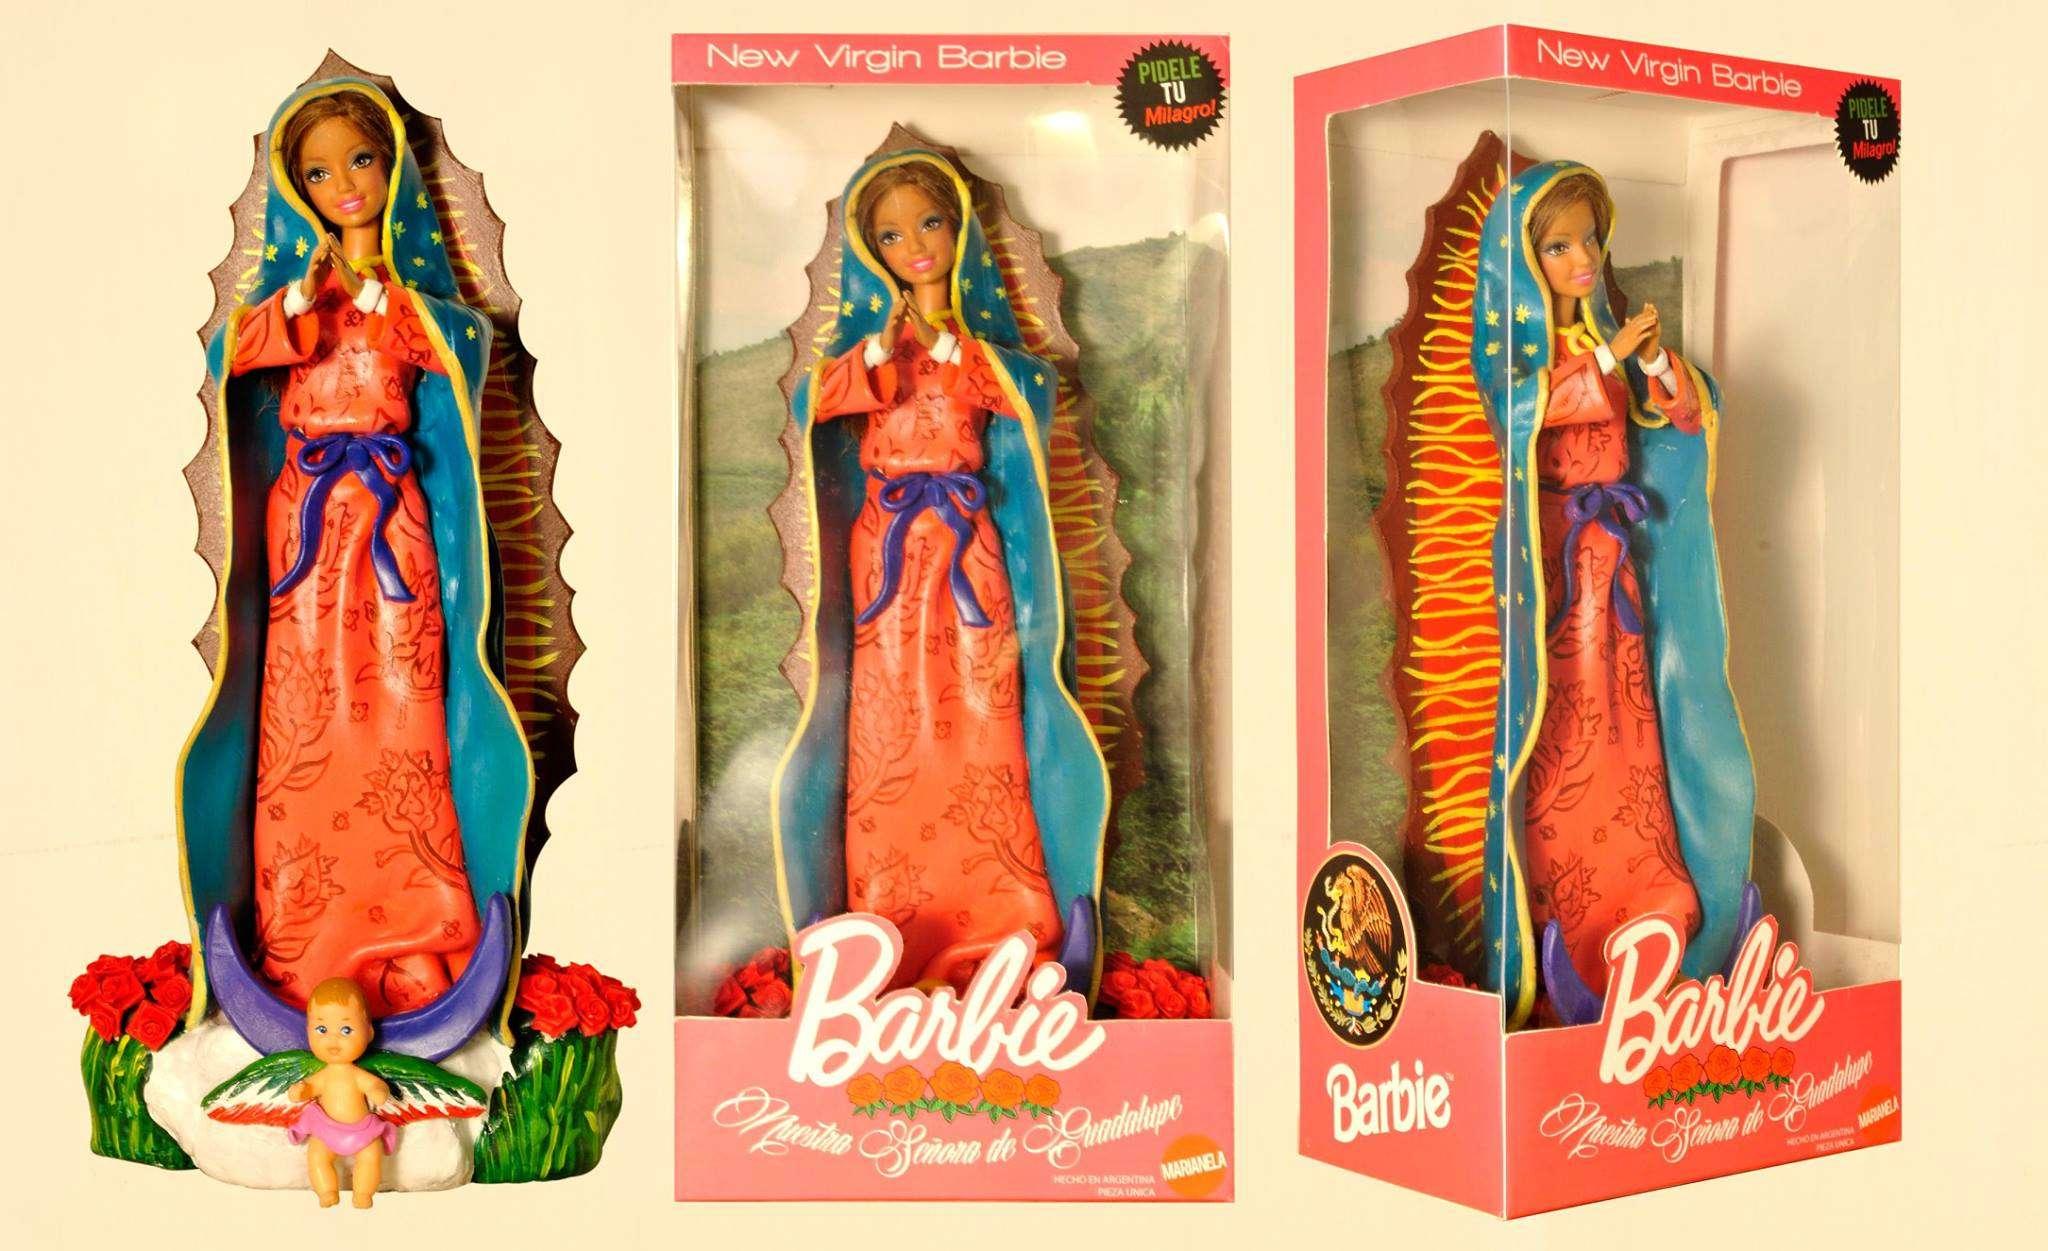 Dos artistas argentinos que publicaron versiones de Barbie y Ken caracterizados como figuras religiosas desataron polémica. Foto: Facebook/Pool Macho Cabrío Paolini